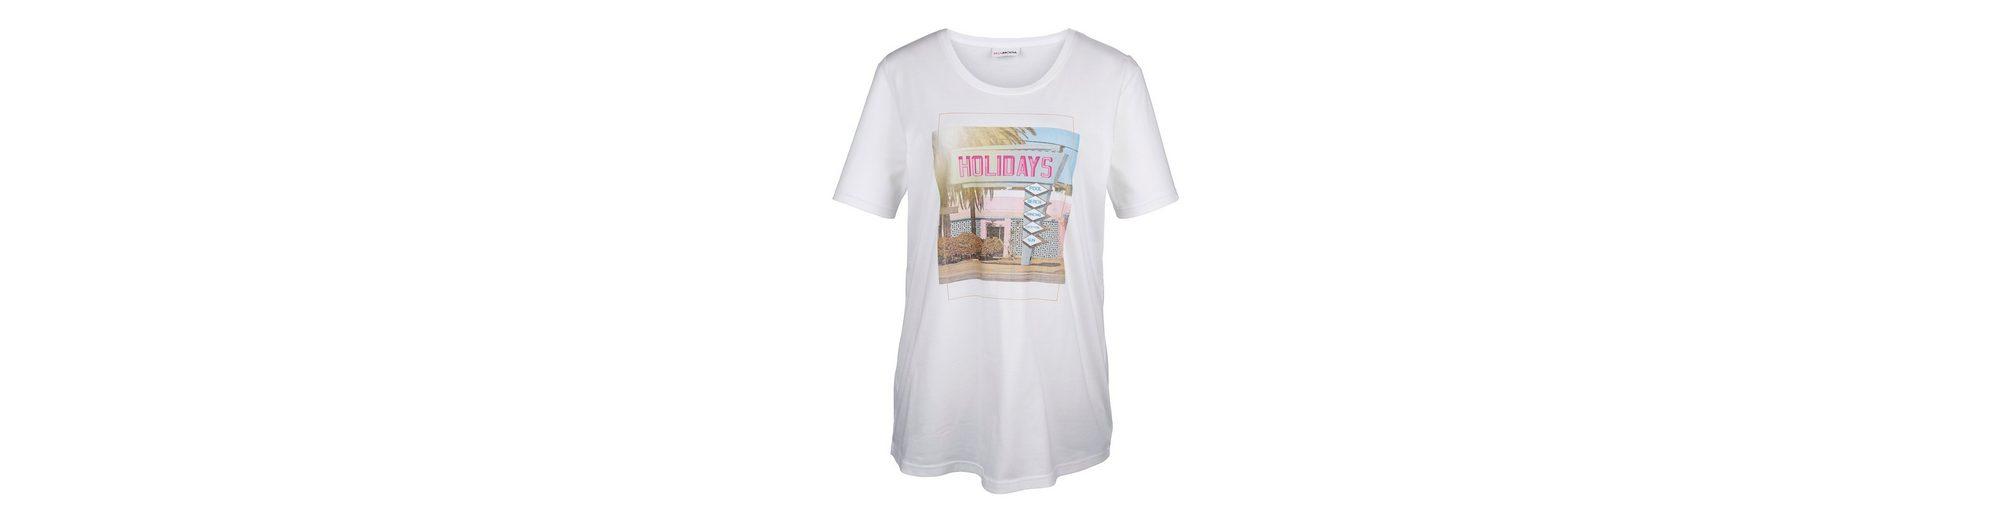 MIAMODA Shirt aus reiner Baumwoll-Qualität Spielraum Finden Große nTQHMRr1H